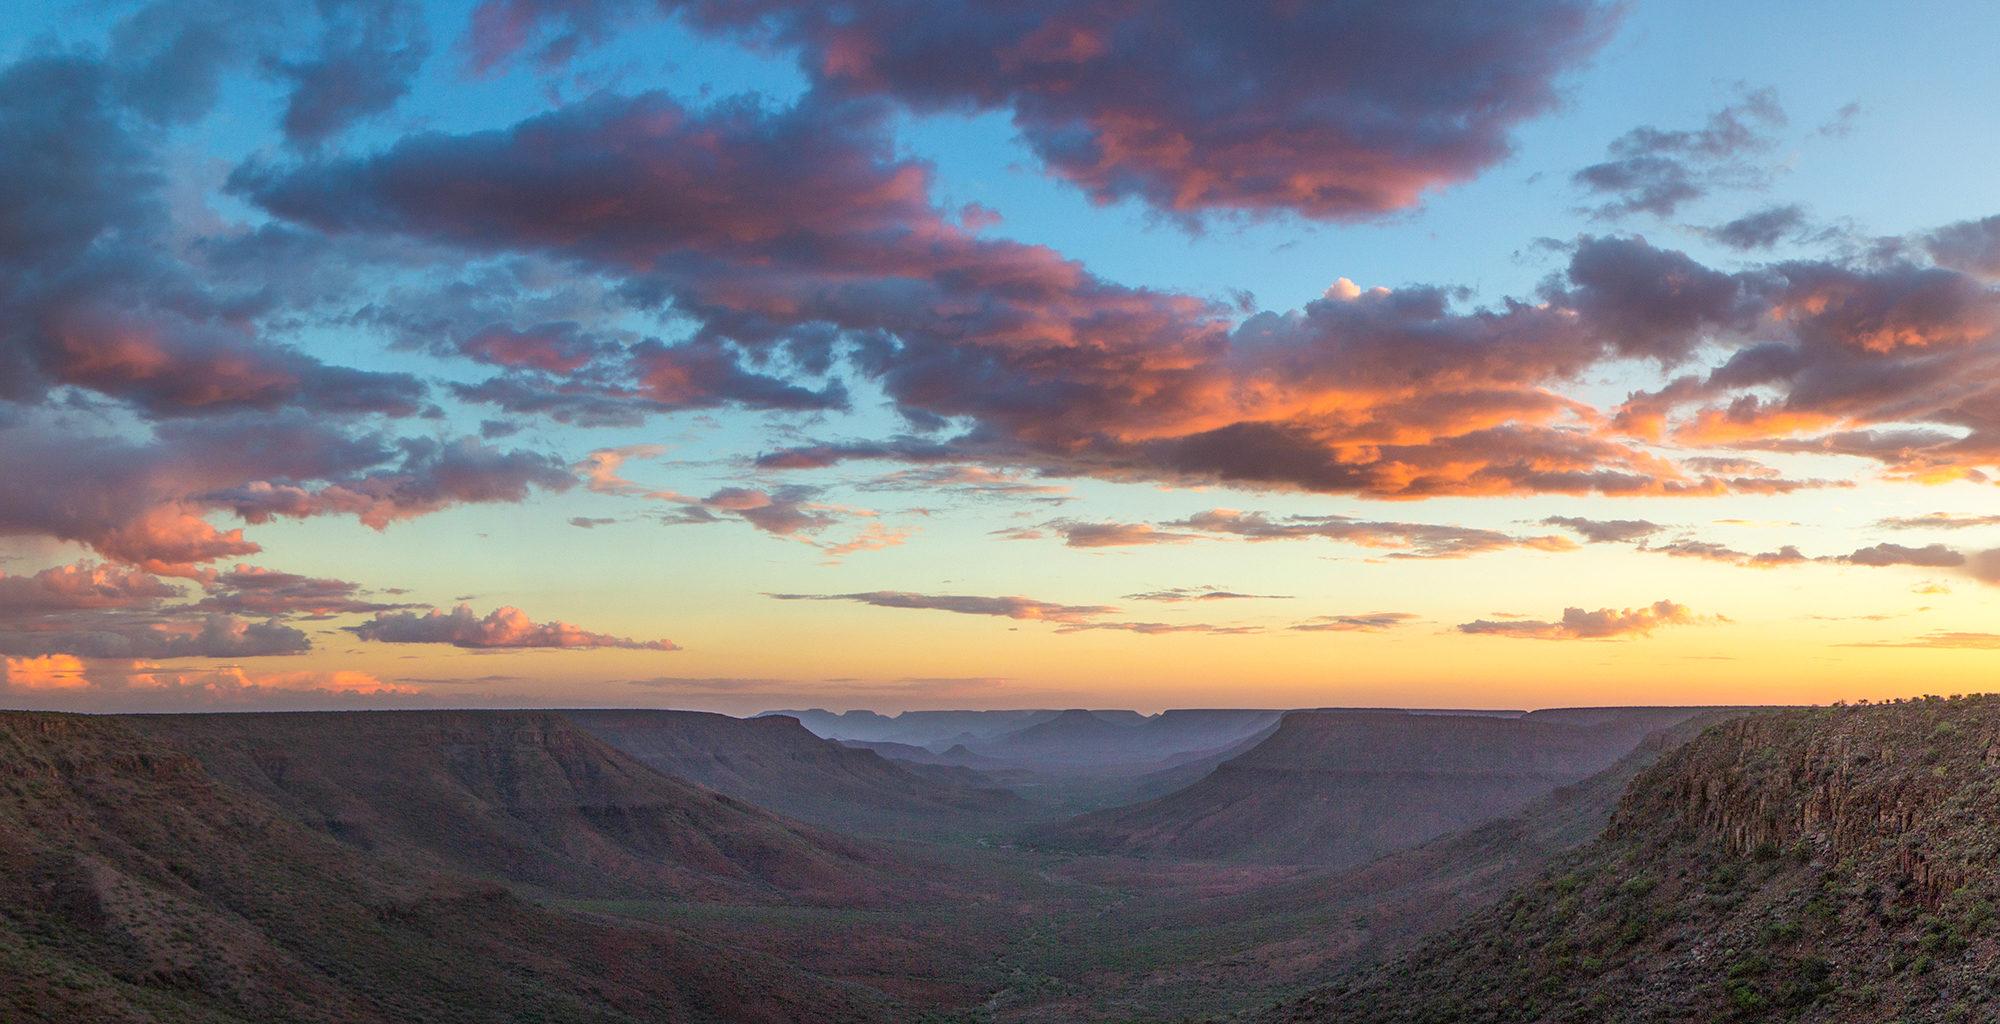 Namibia-Damaraland-Valley-Landscape